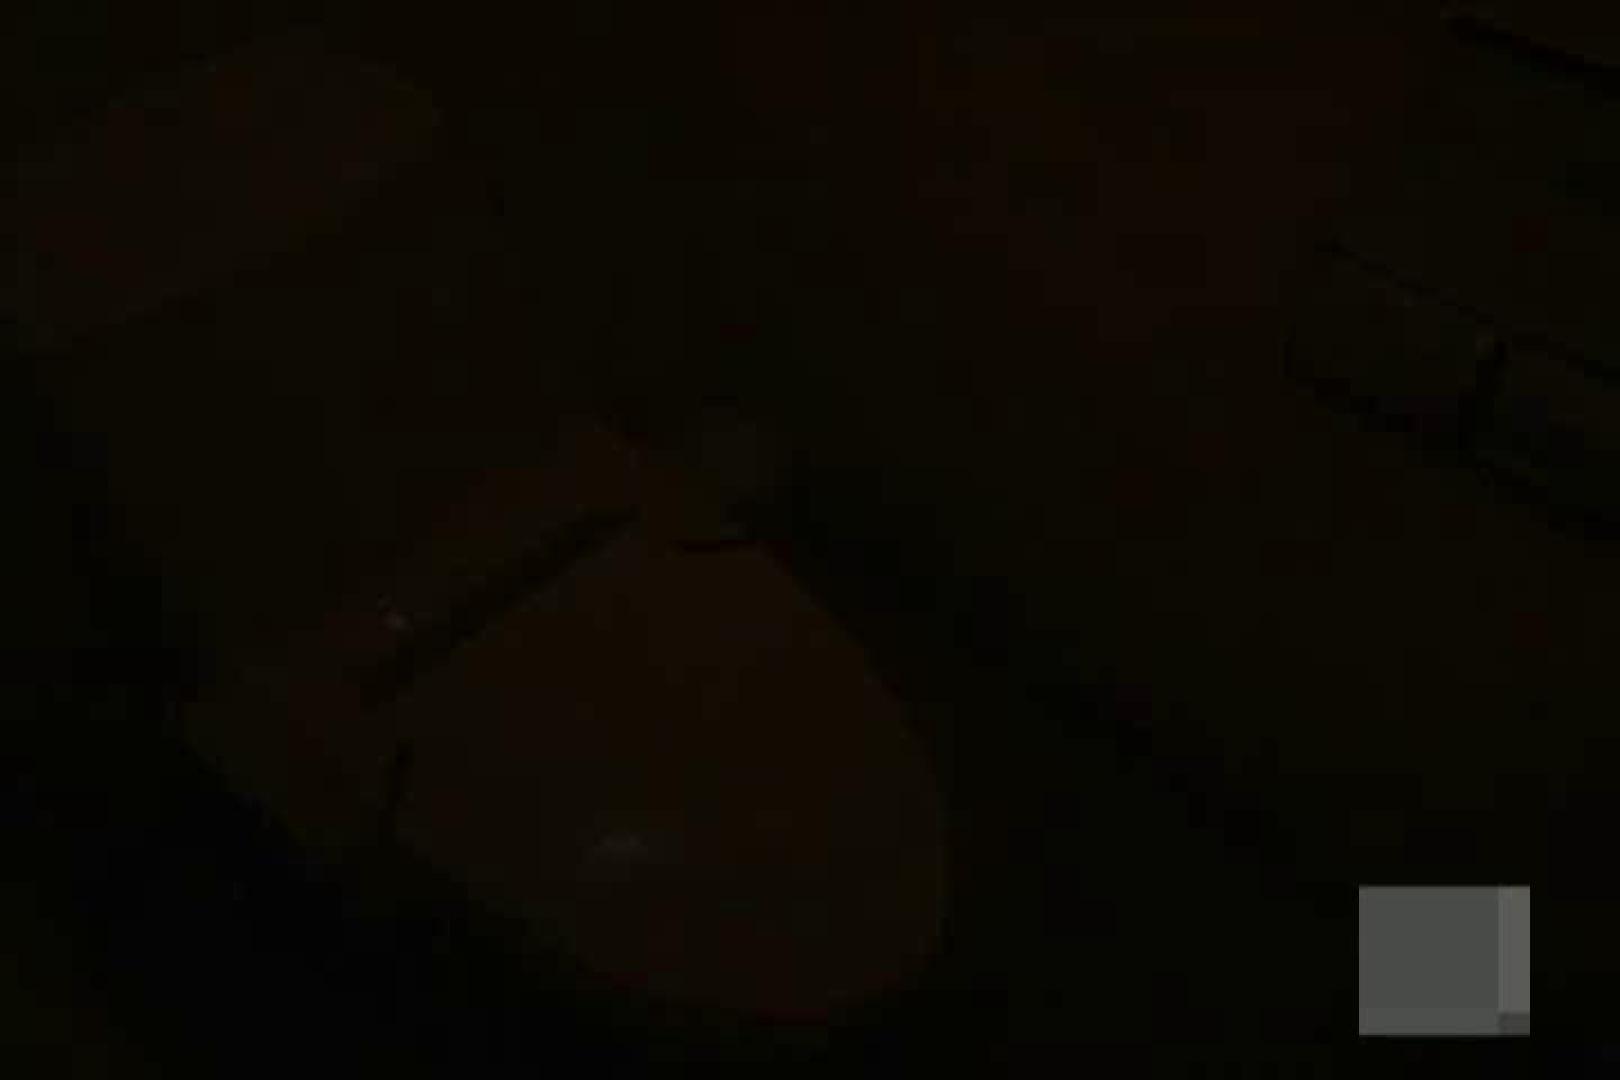 あの日あの時あのオナニーVol.7 喘ぎ  59画像 36